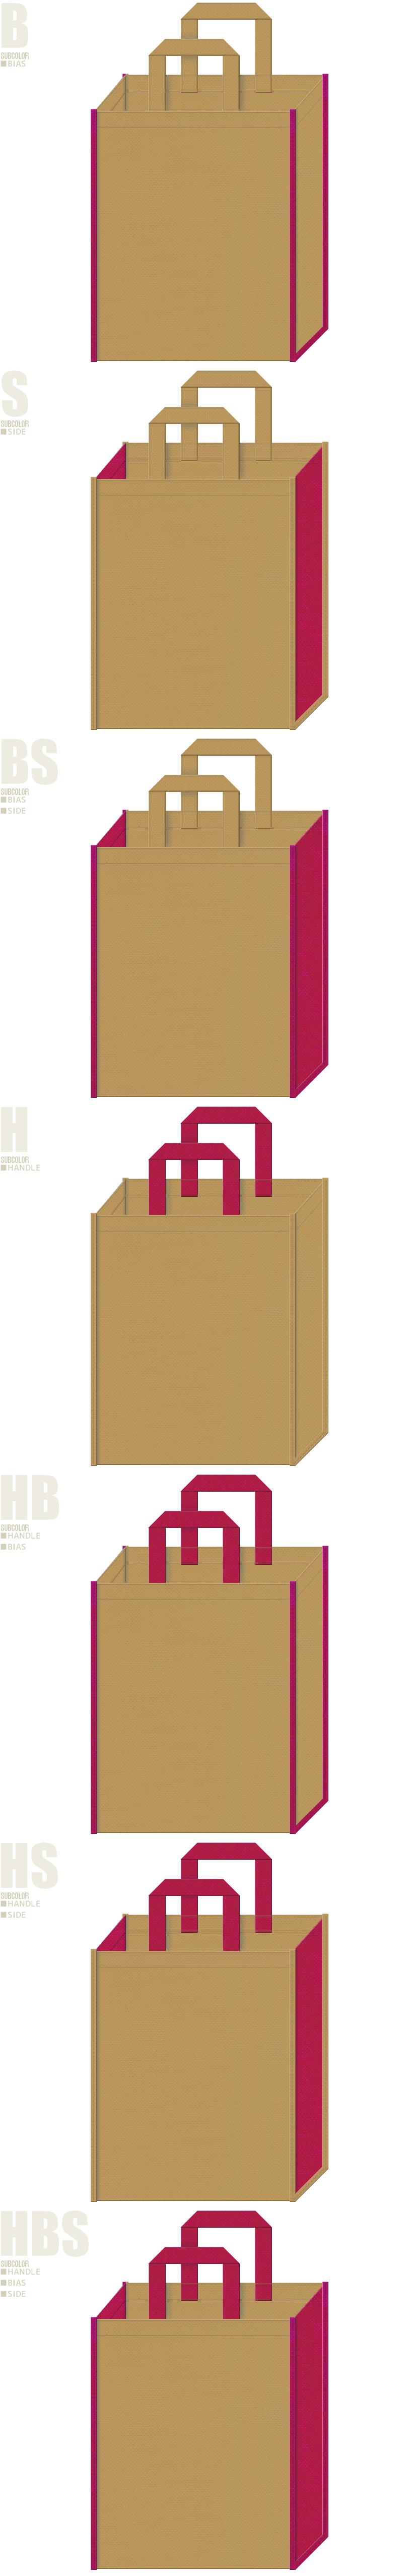 ハワイアン・南国・トロピカル・リゾート・トラベルバッグにお奨めの不織布バッグデザイン:金黄土色と濃いピンク色の配色7パターン